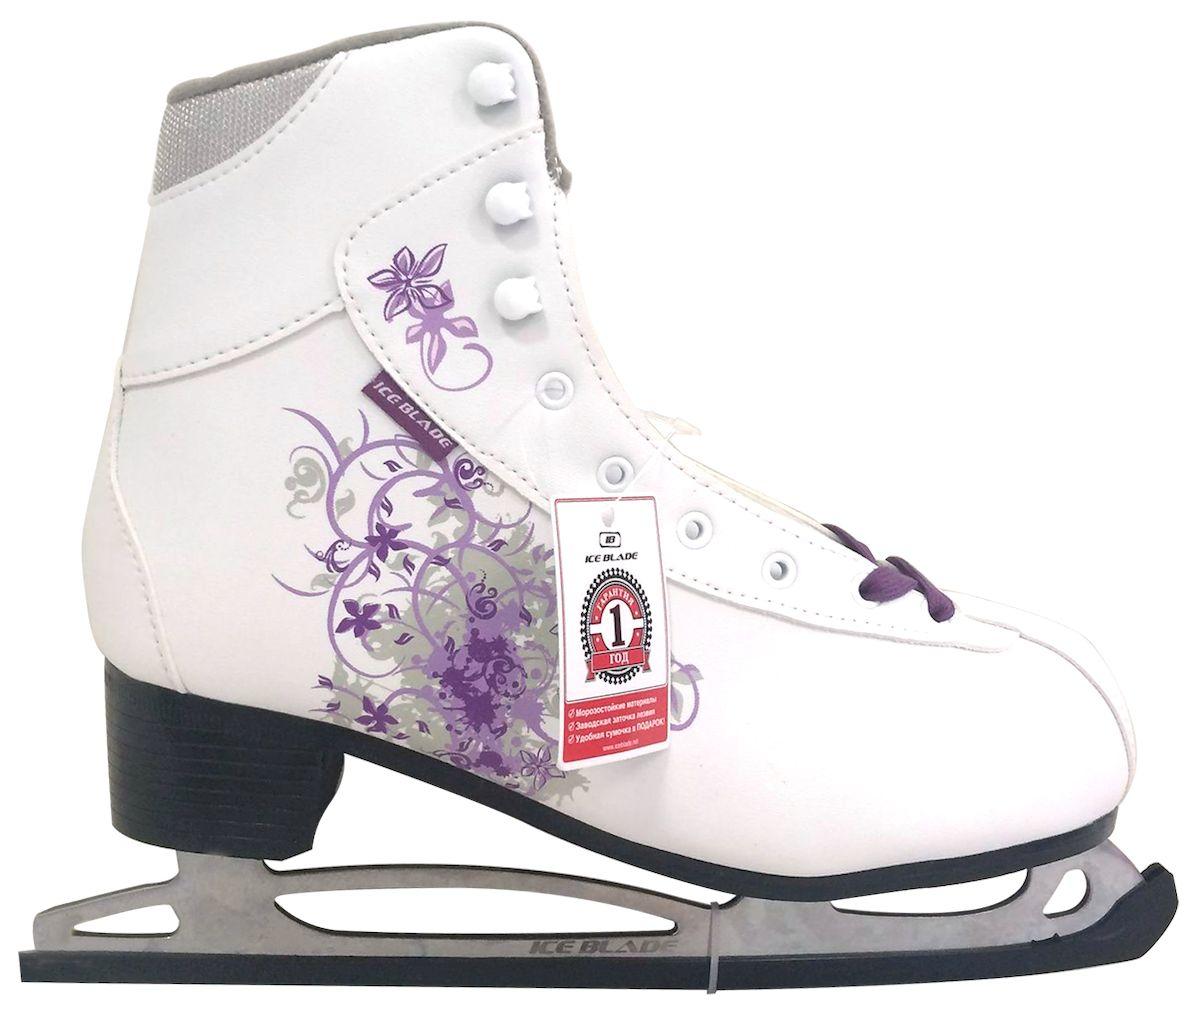 Коньки фигурные Ice Blade Sochi, цвет: белый, фиолетовый. УТ-00004988. Размер 35